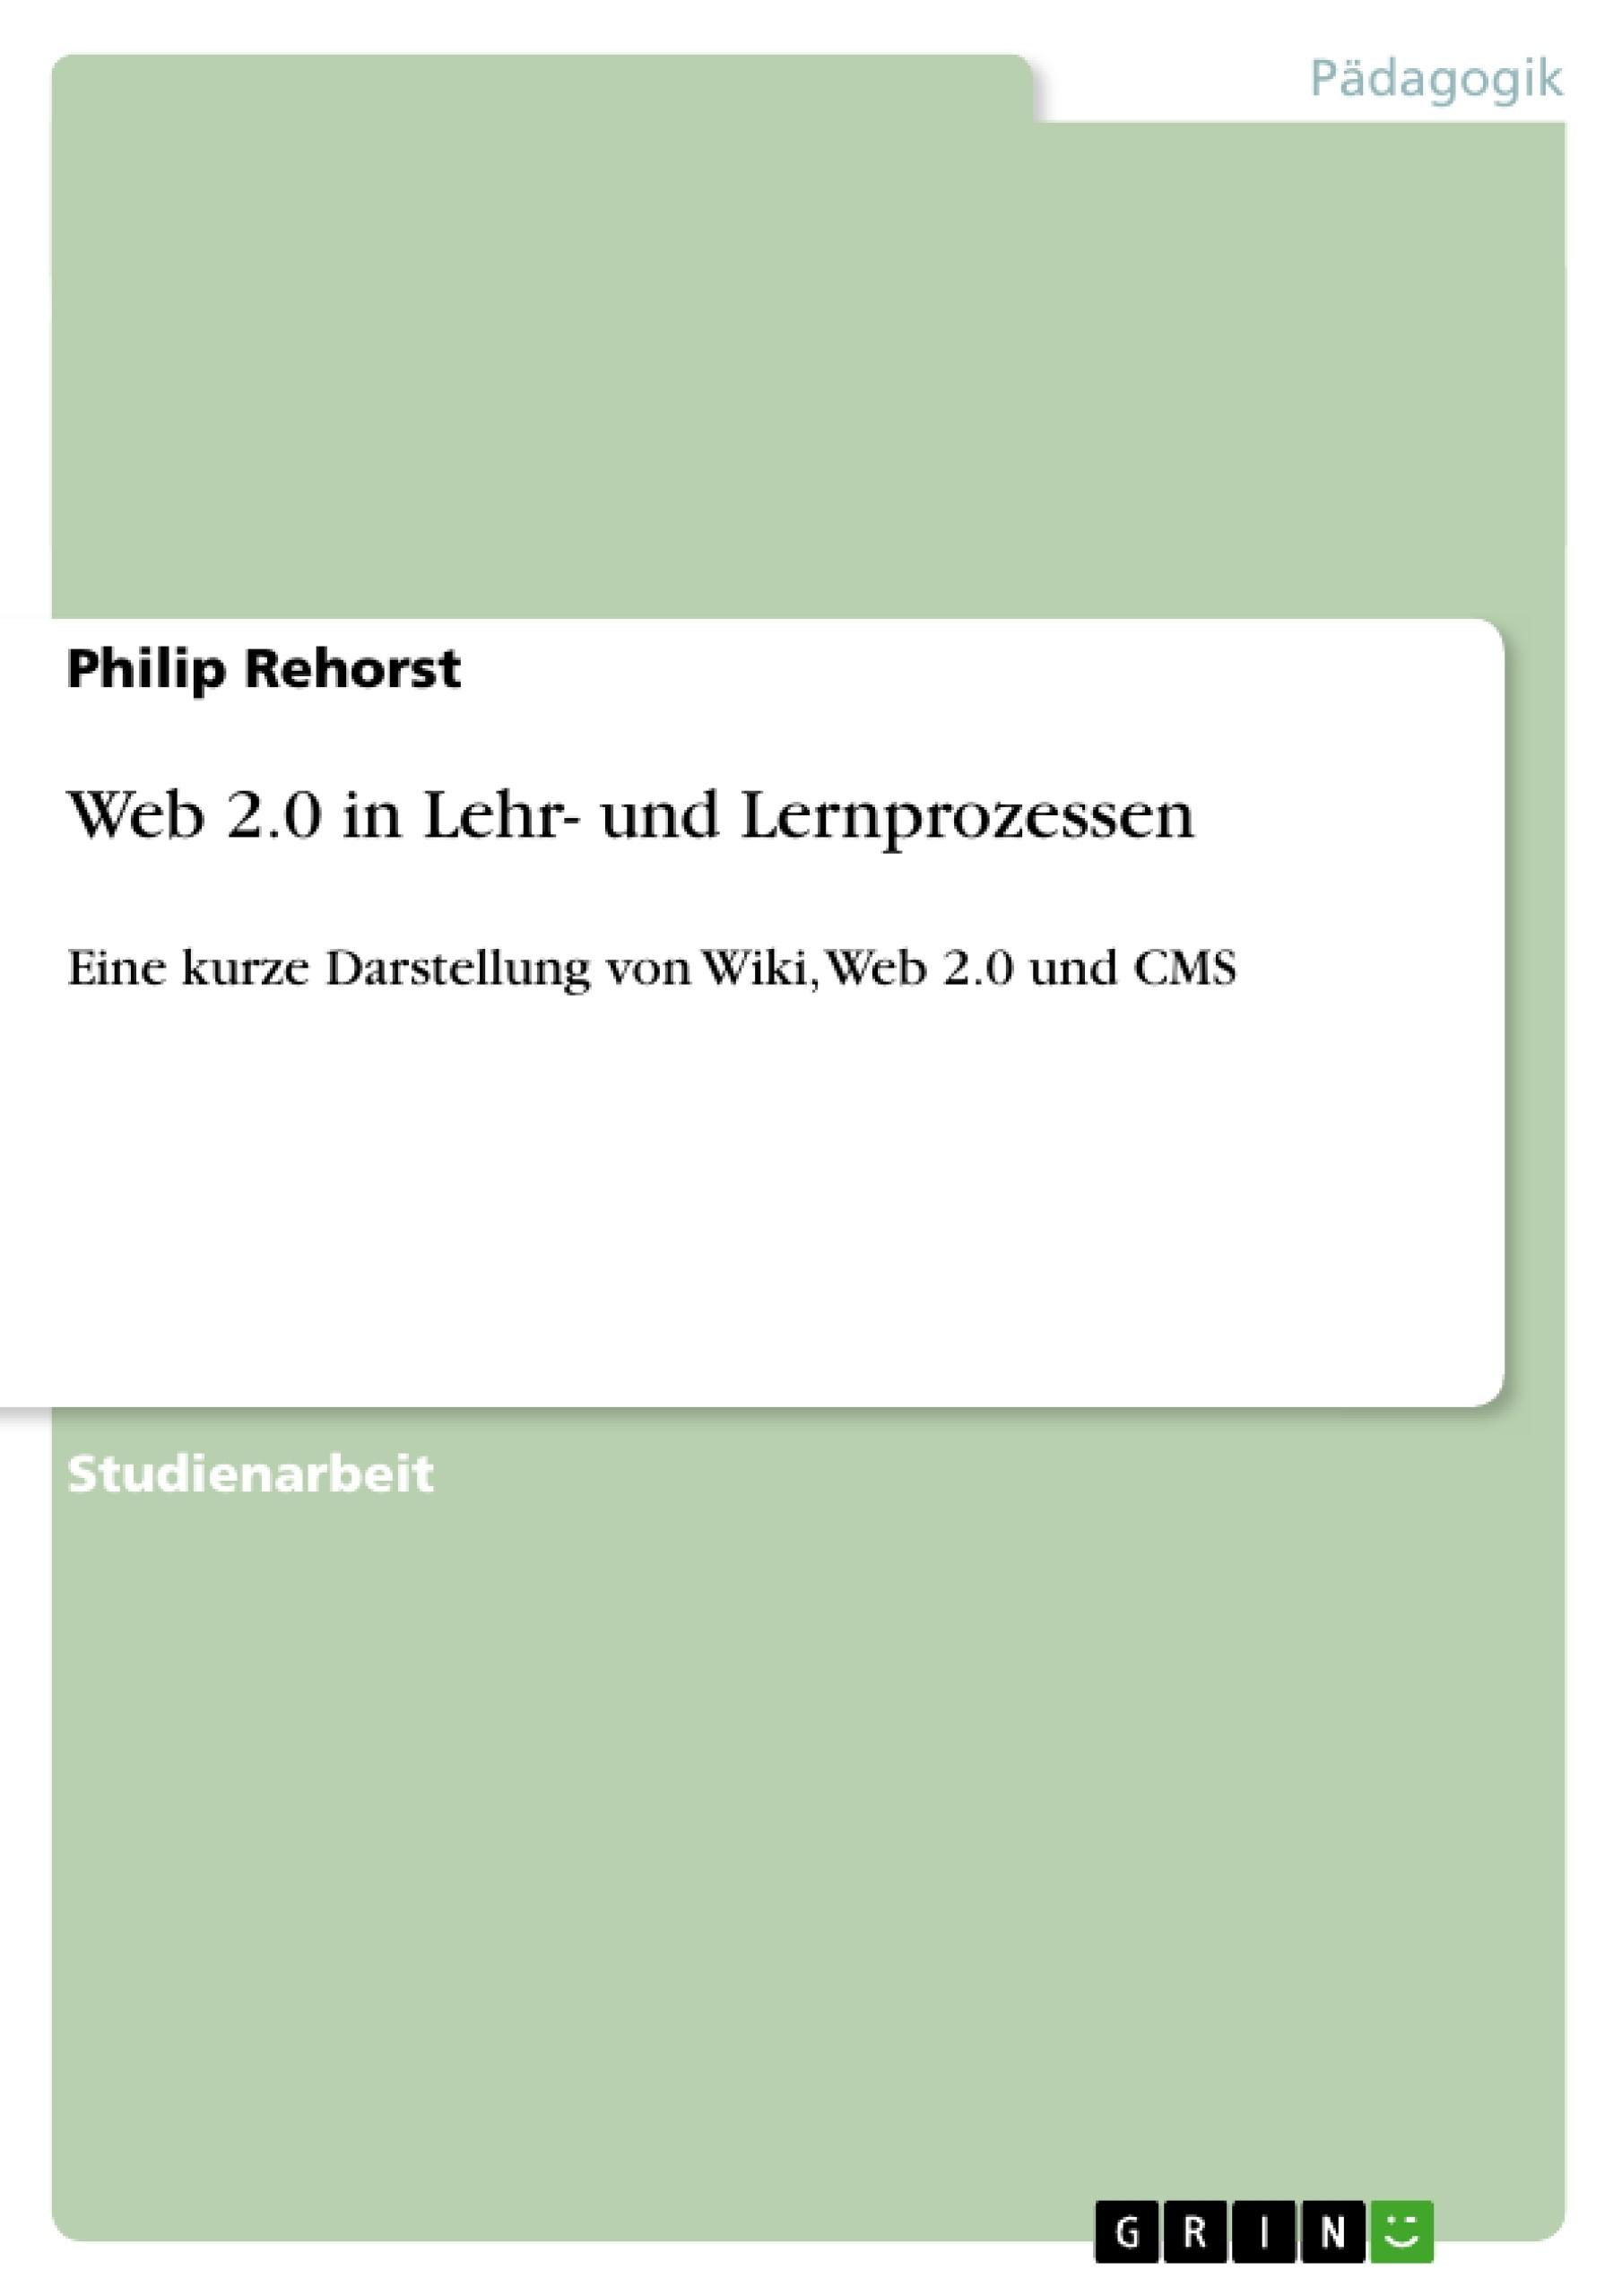 Titel: Web 2.0 in Lehr- und Lernprozessen